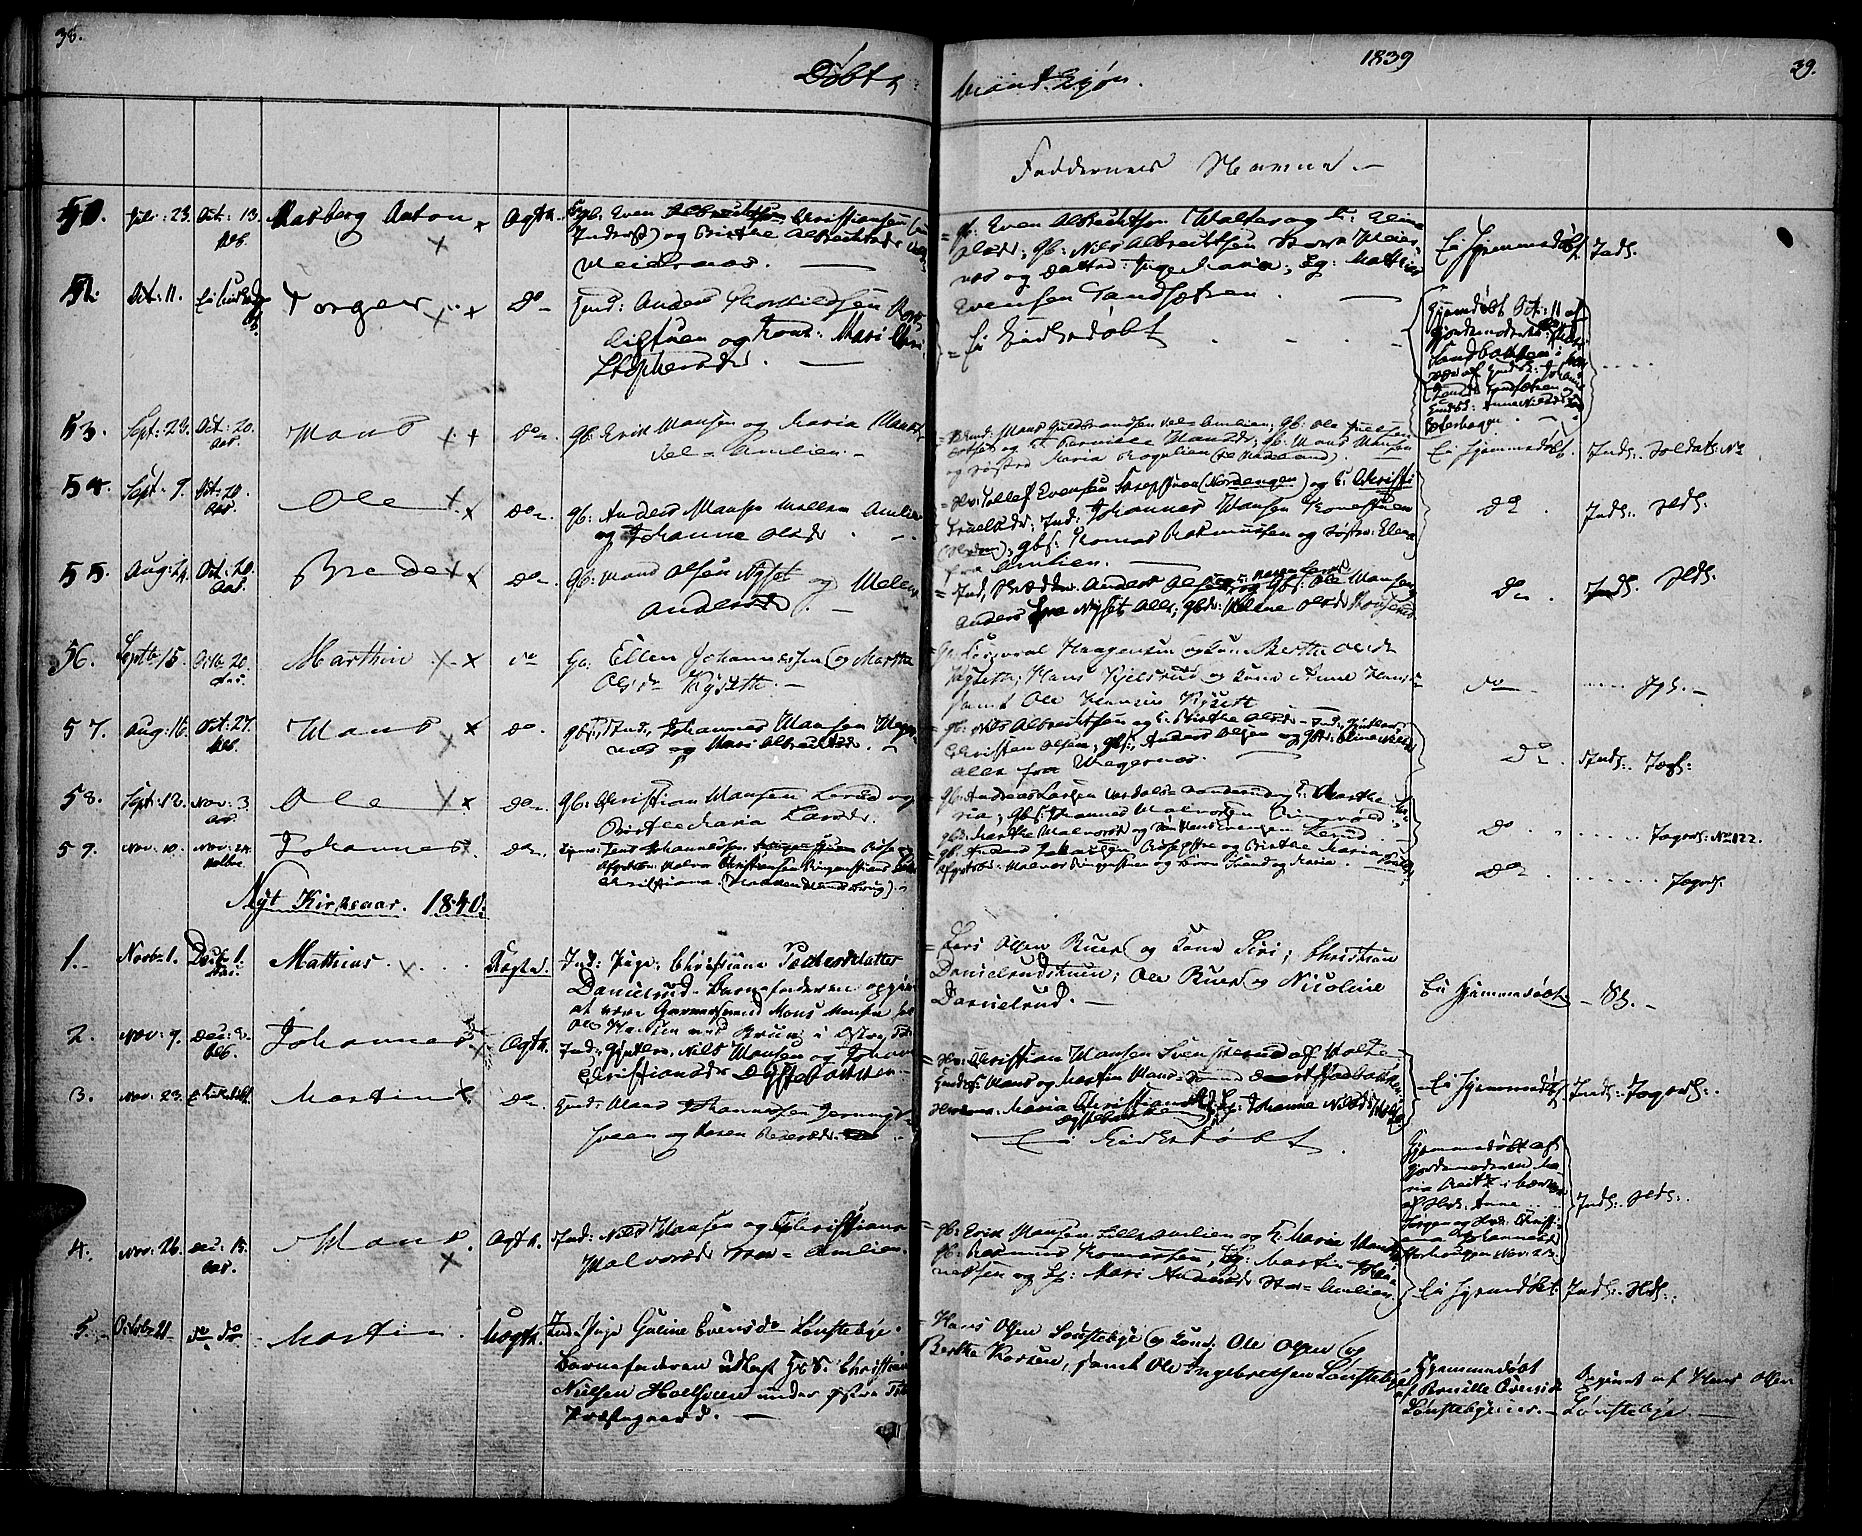 SAH, Vestre Toten prestekontor, Ministerialbok nr. 3, 1836-1843, s. 38-39